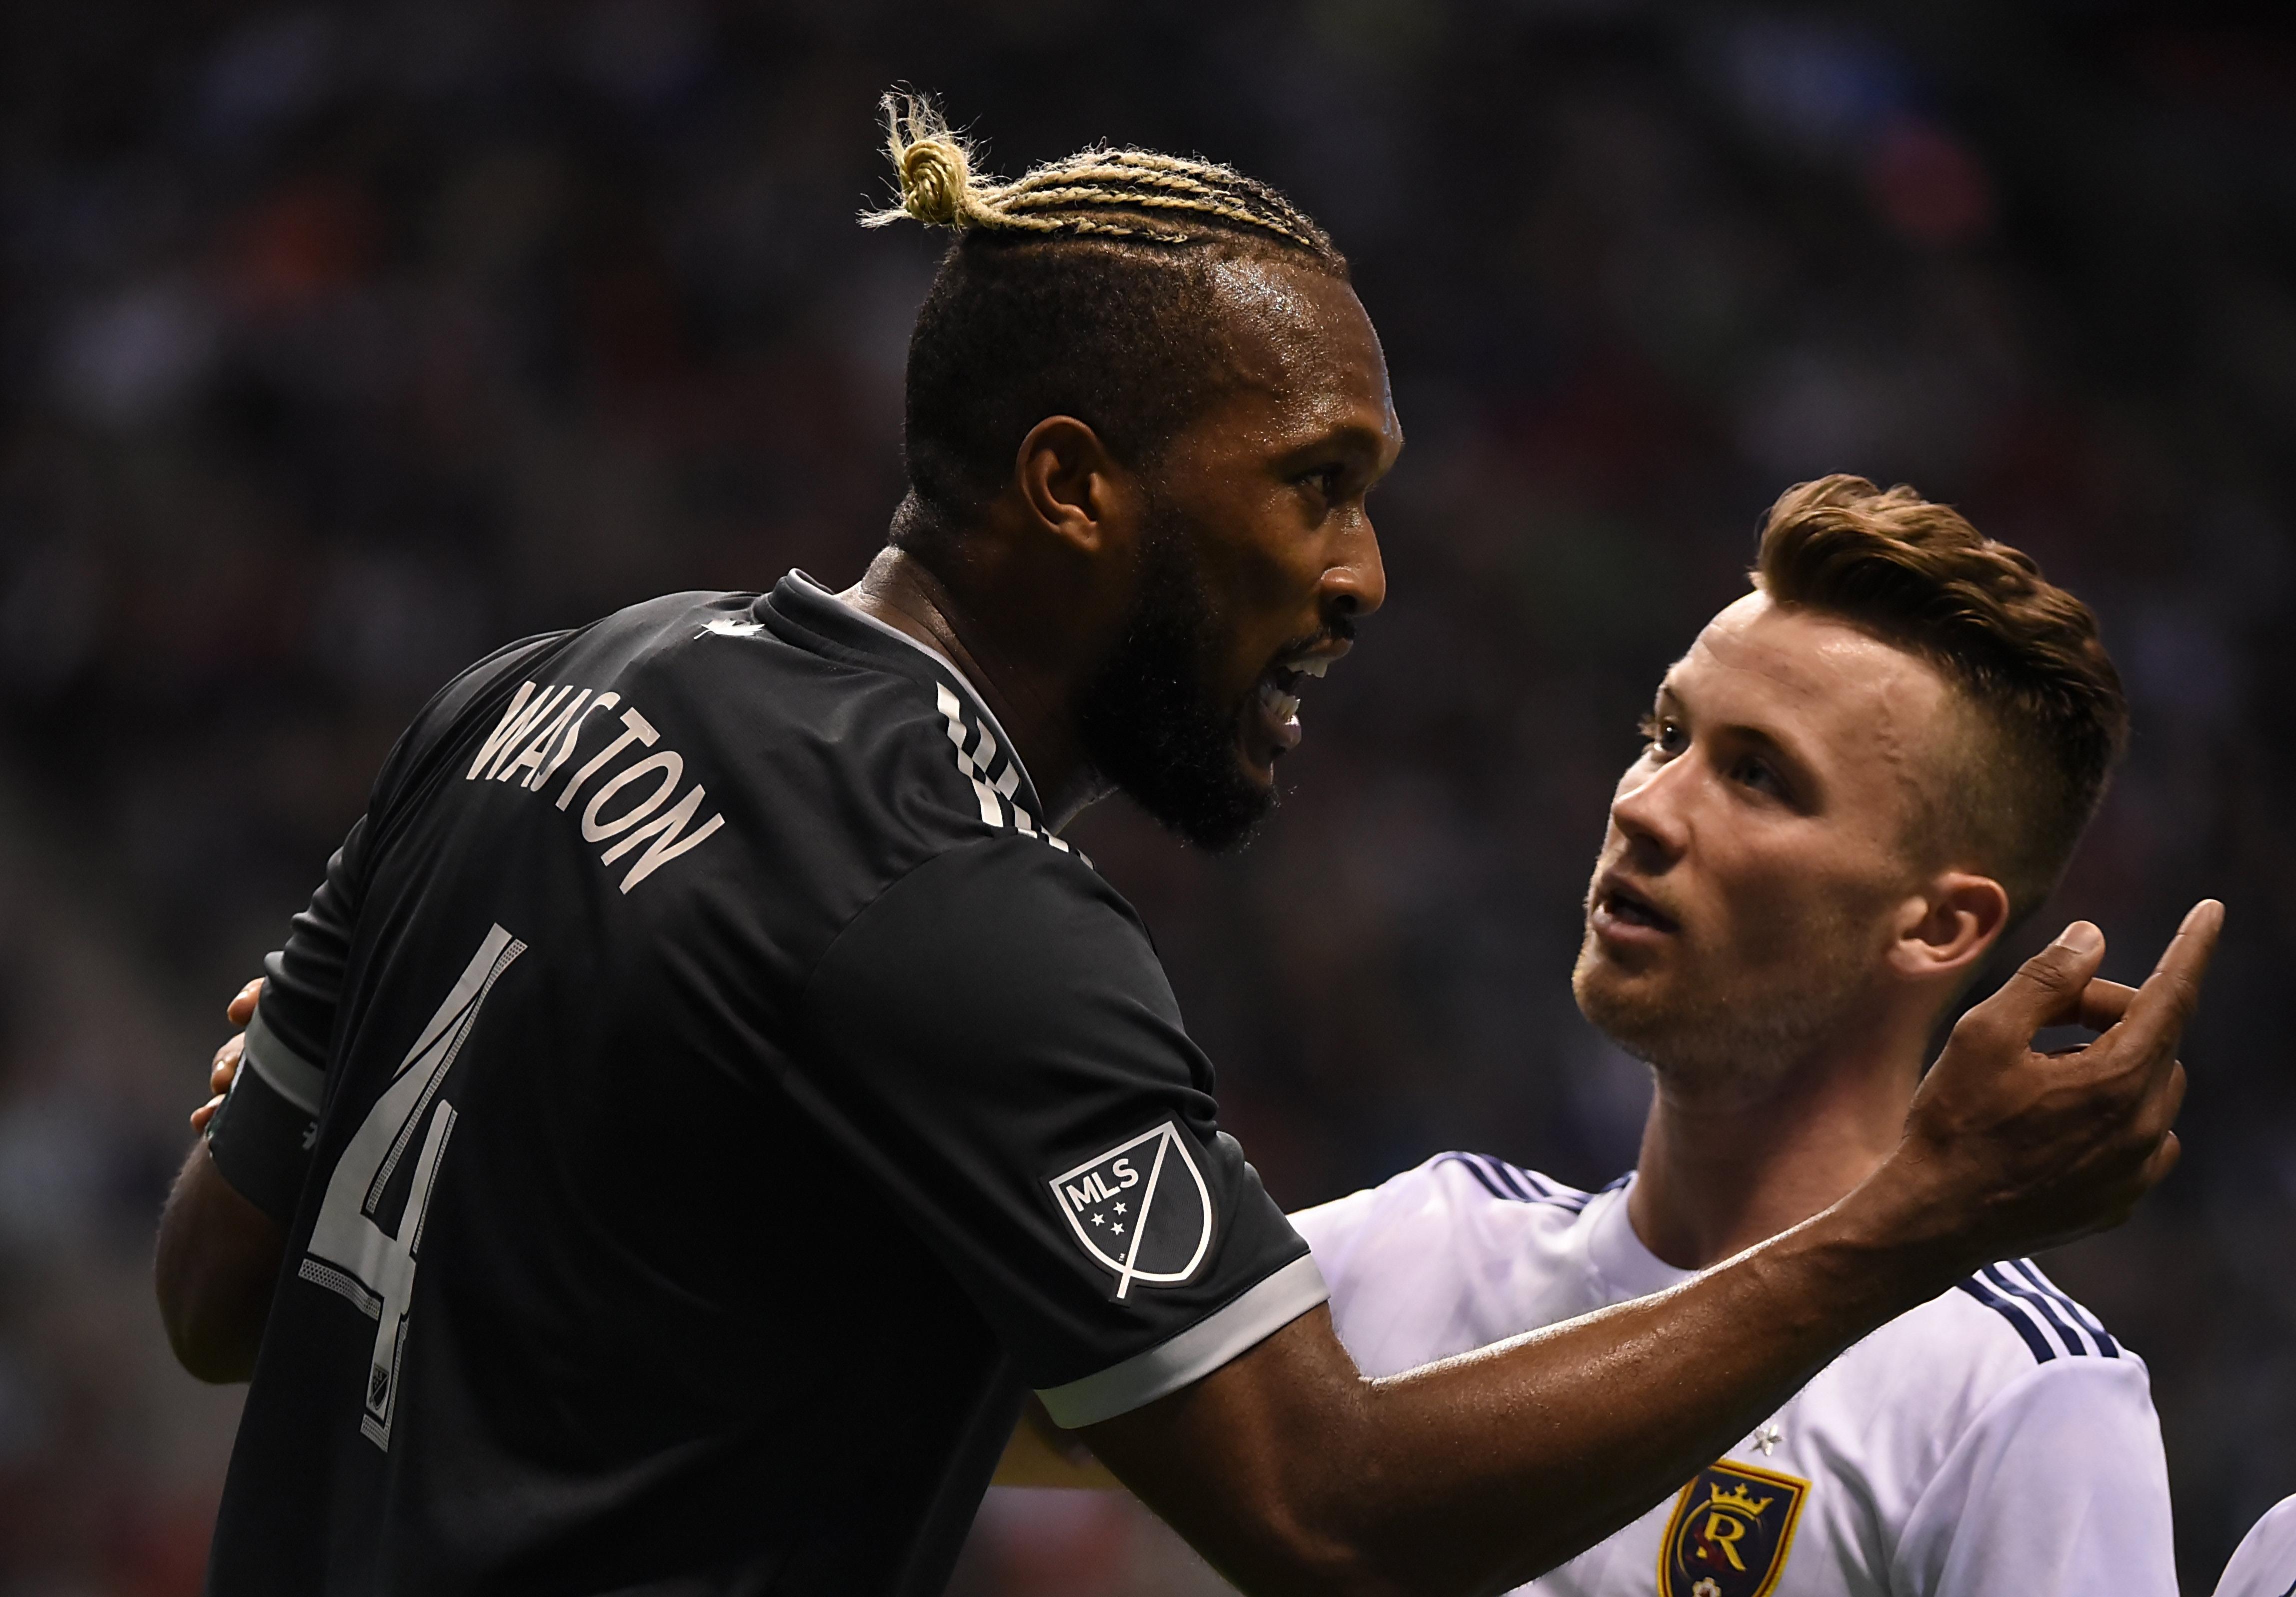 MLS: Real Salt Lake at Vancouver Whitecaps